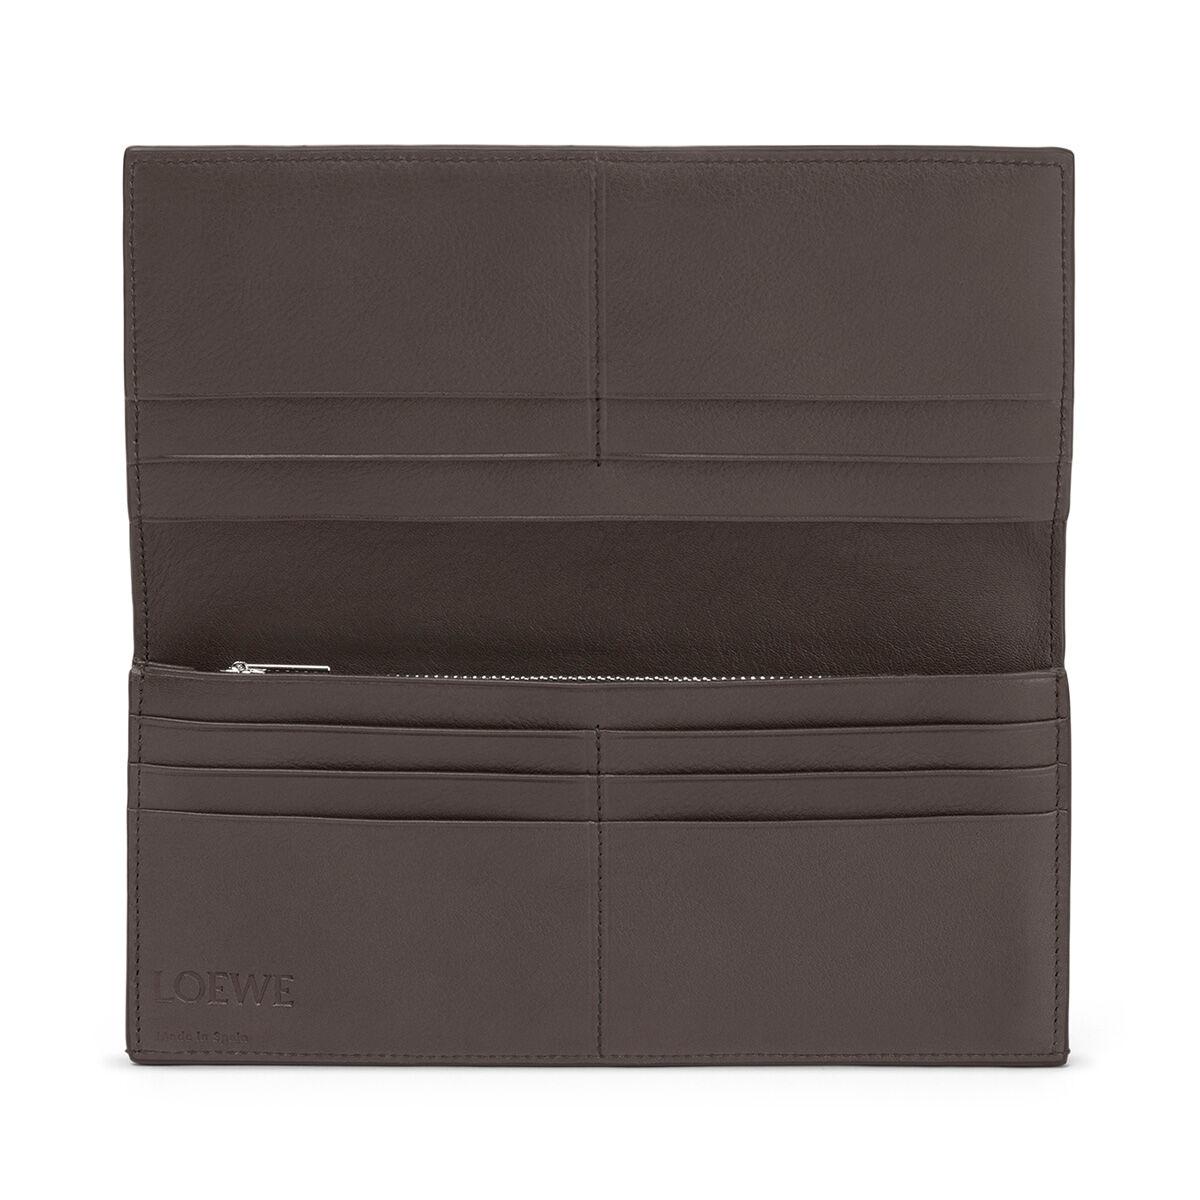 LOEWE Long Horizontal Wallet Khaki Green/Pecan Color all